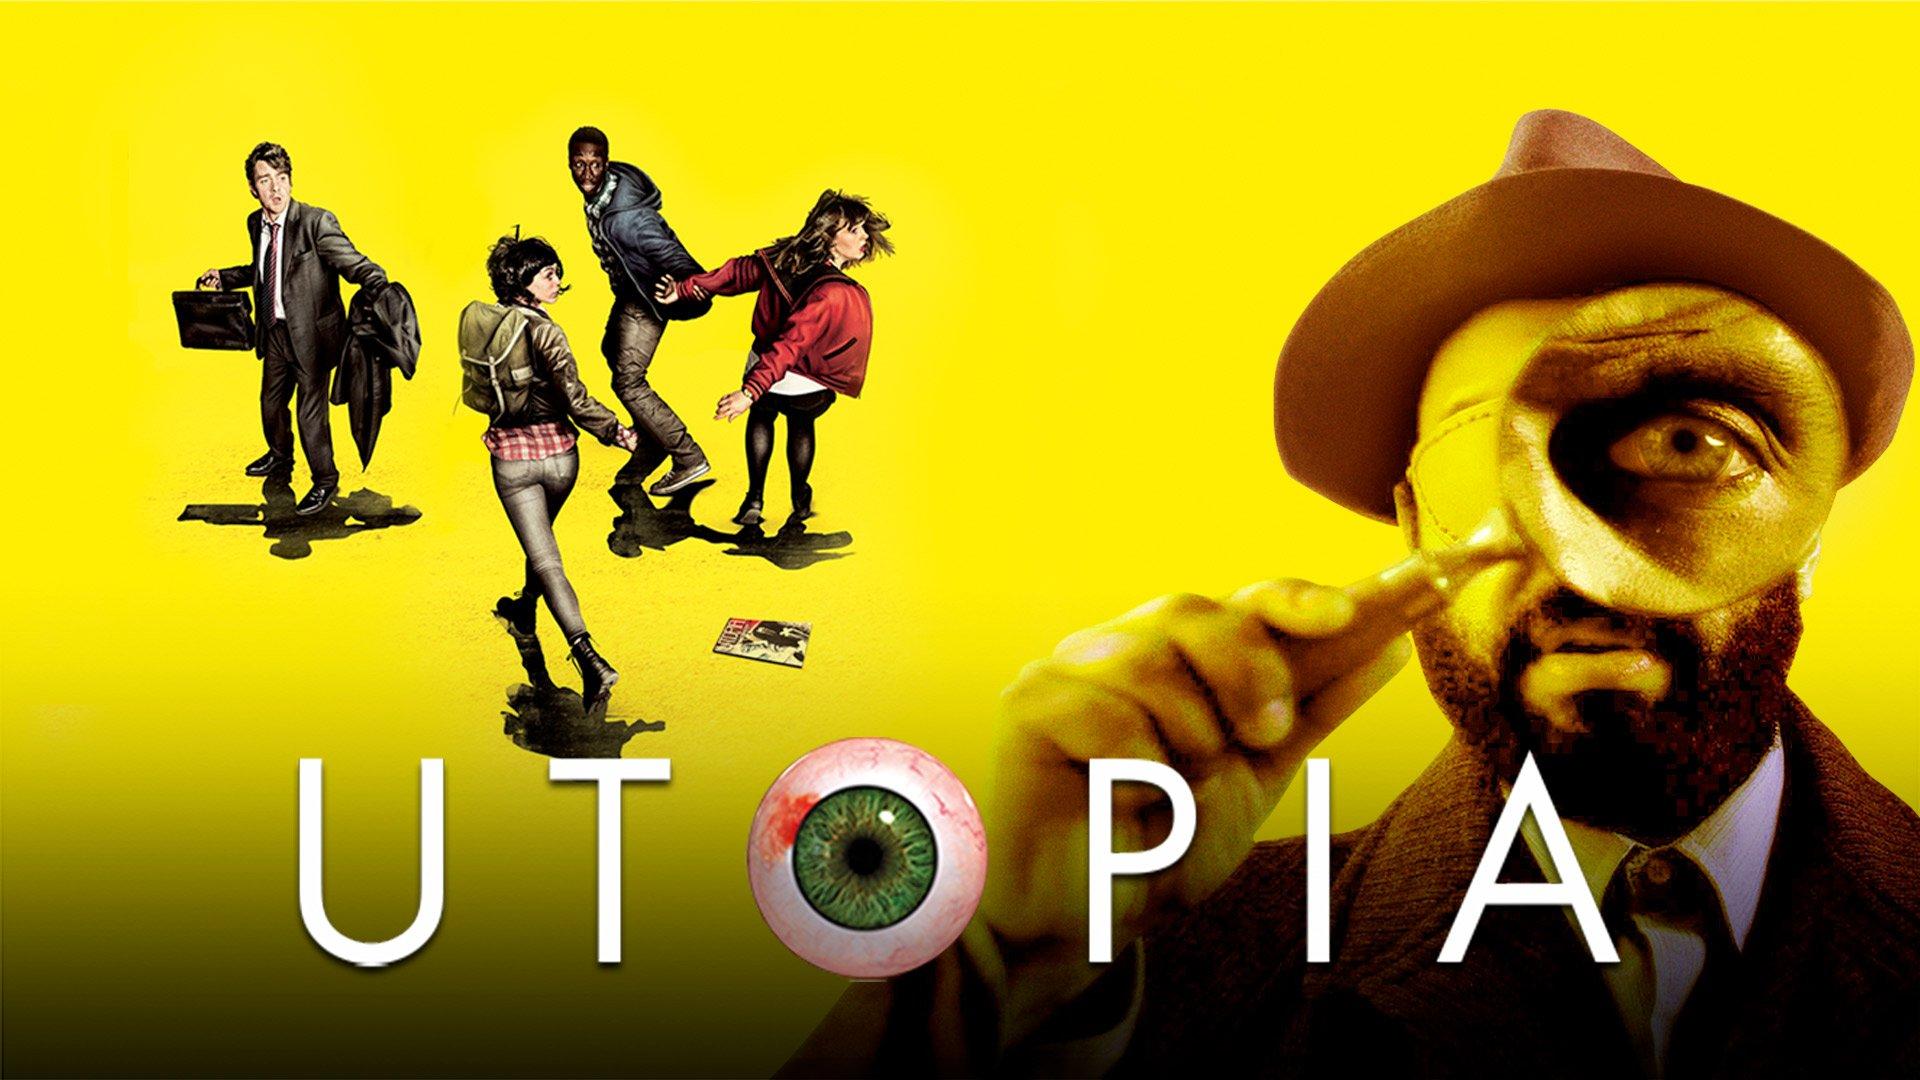 Utopia on BritBox UK